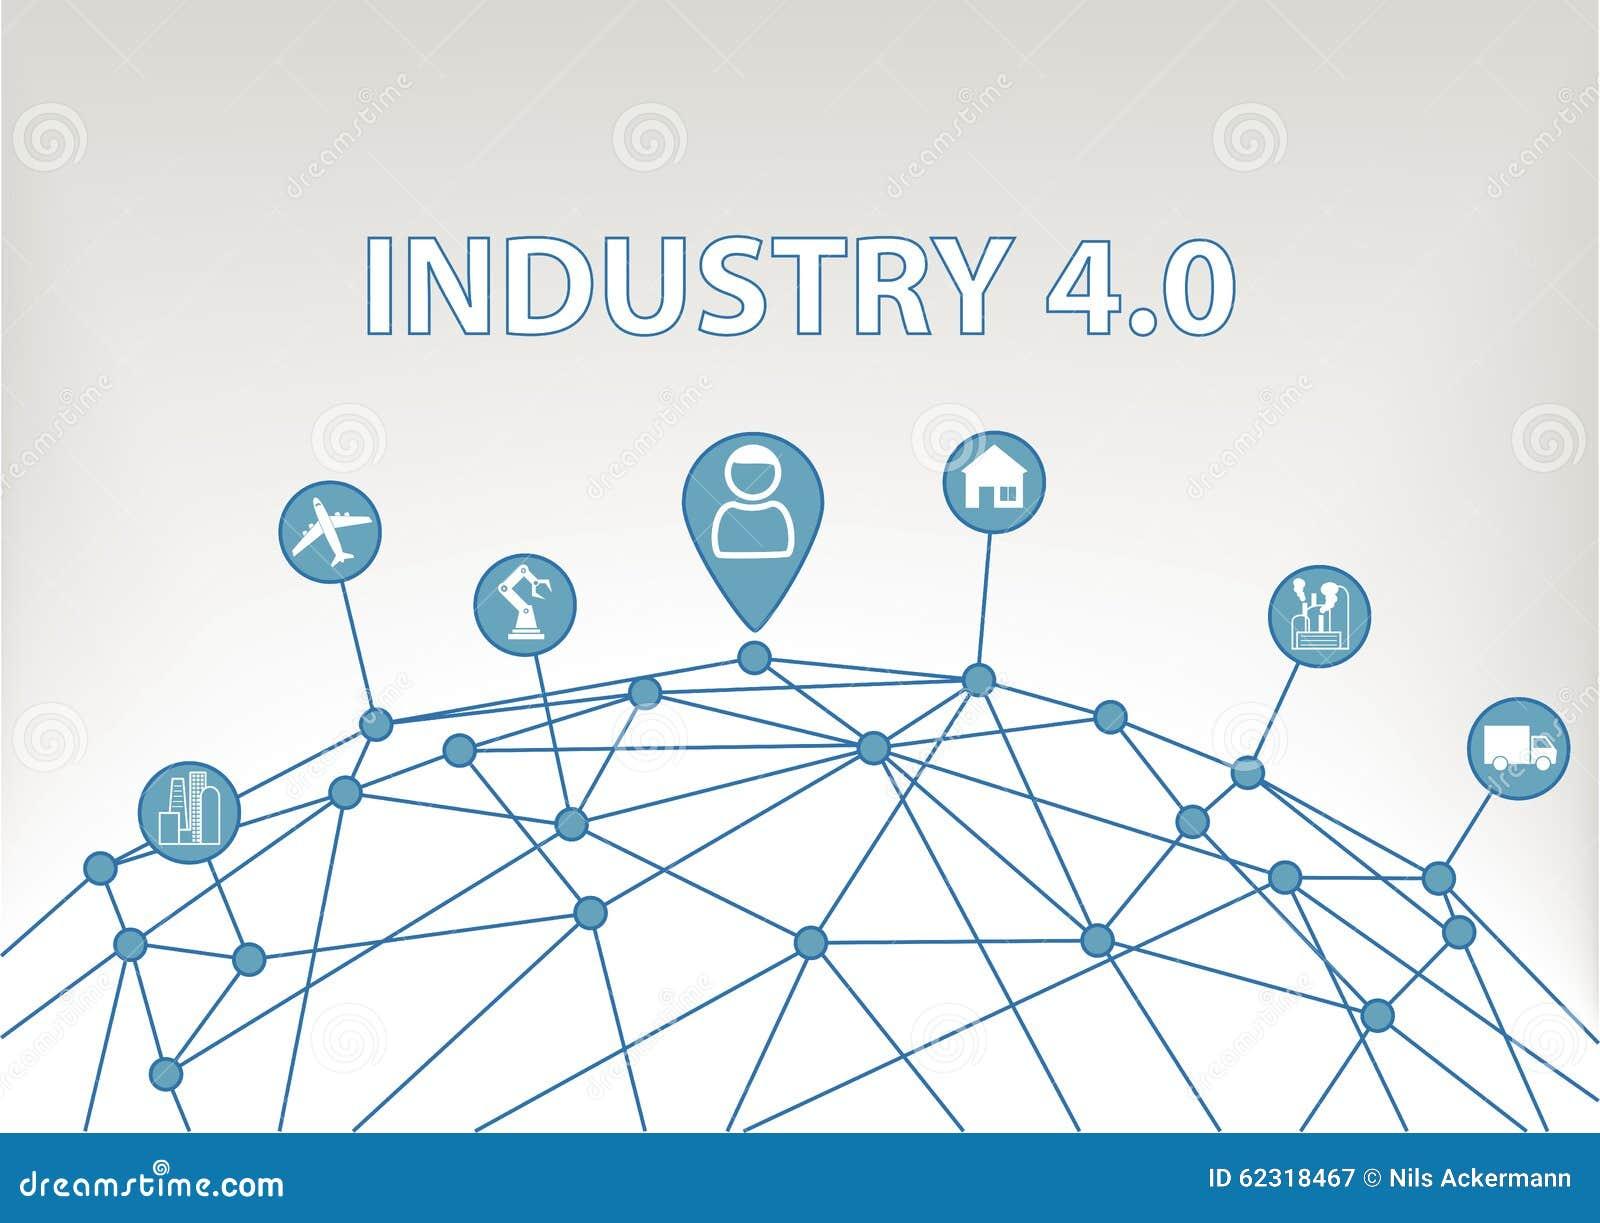 4 przemysł (0) ilustracyjnych tło z światową siatką i konsumentem łączył przyrząda jak przemysłowe rośliny, roboty